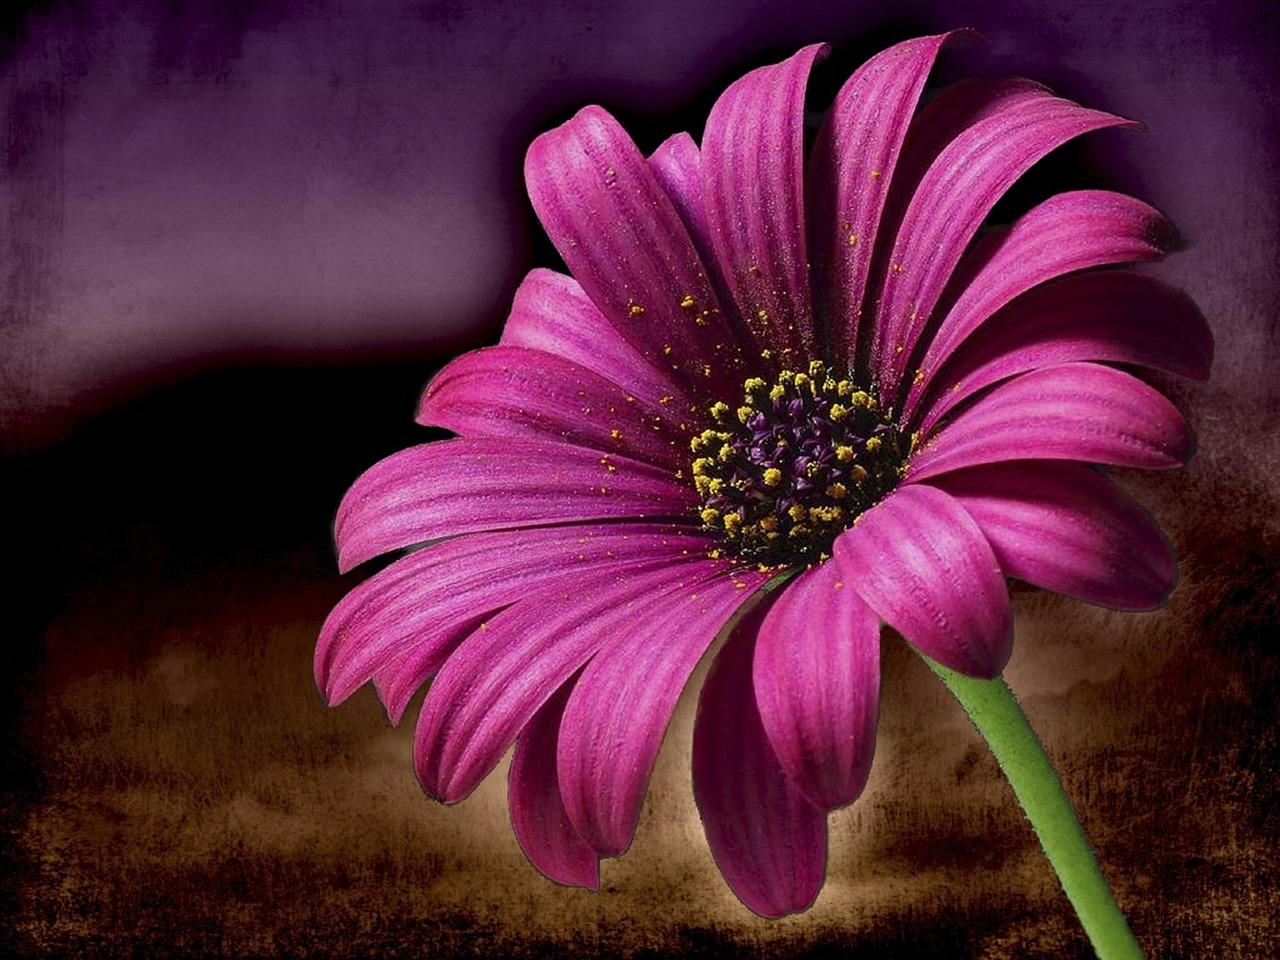 красивые картинки на аву растения знакомый, прочел какой